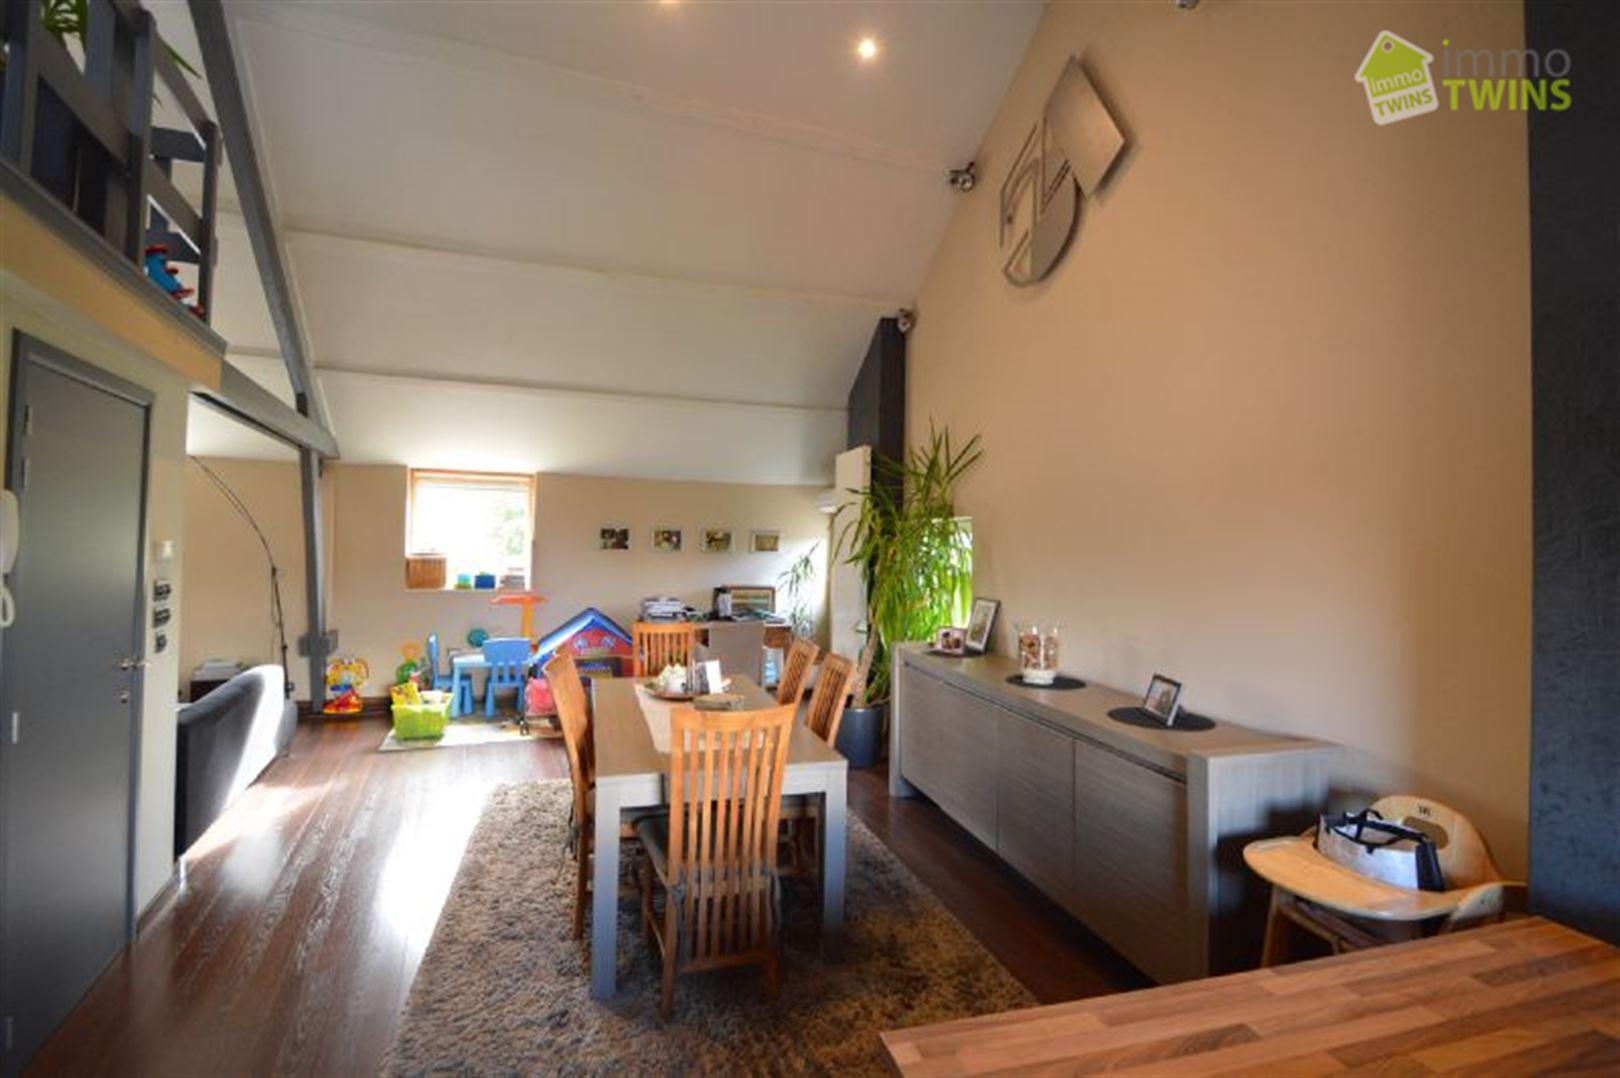 Foto 3 : Huis te 9200 Baasrode (België) - Prijs € 725